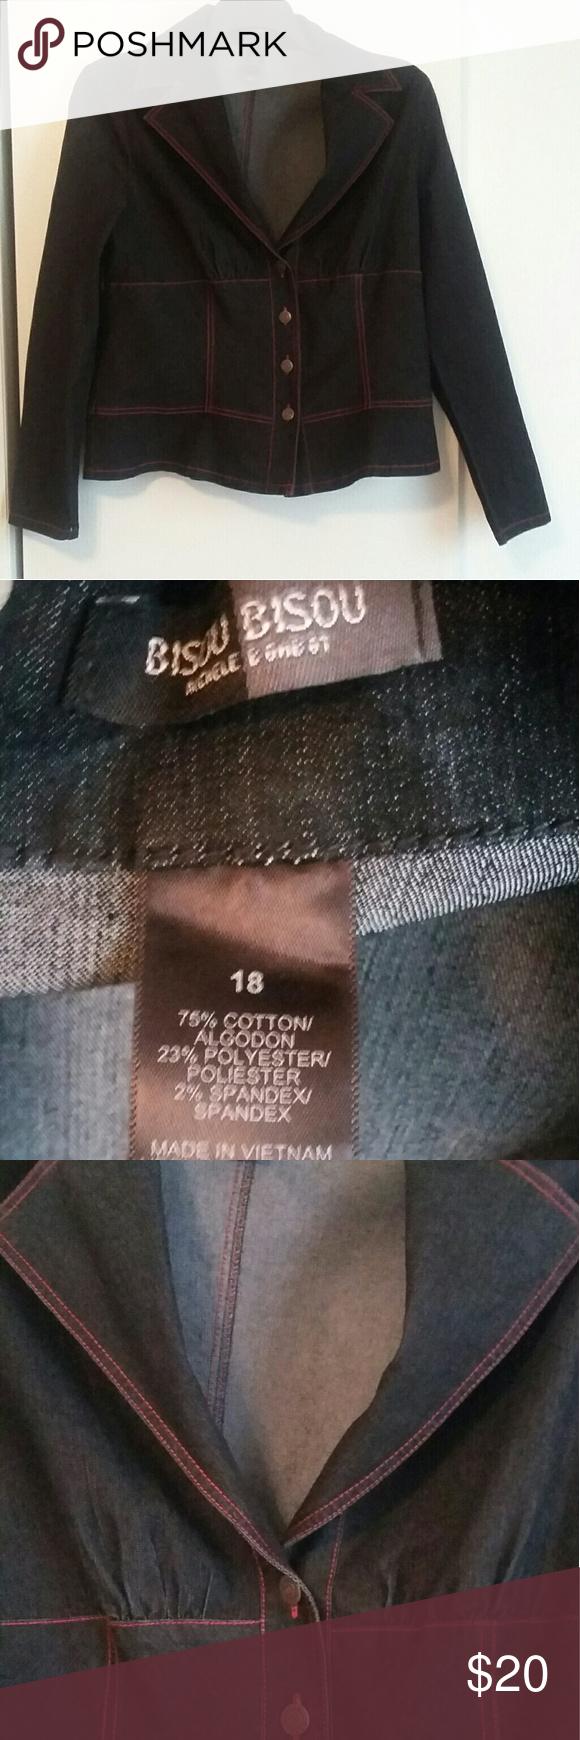 72c041e66f364 NWOT Bisou Bisou Size 18 black denim jacket Black cotton/polyester /spandex  blend denim